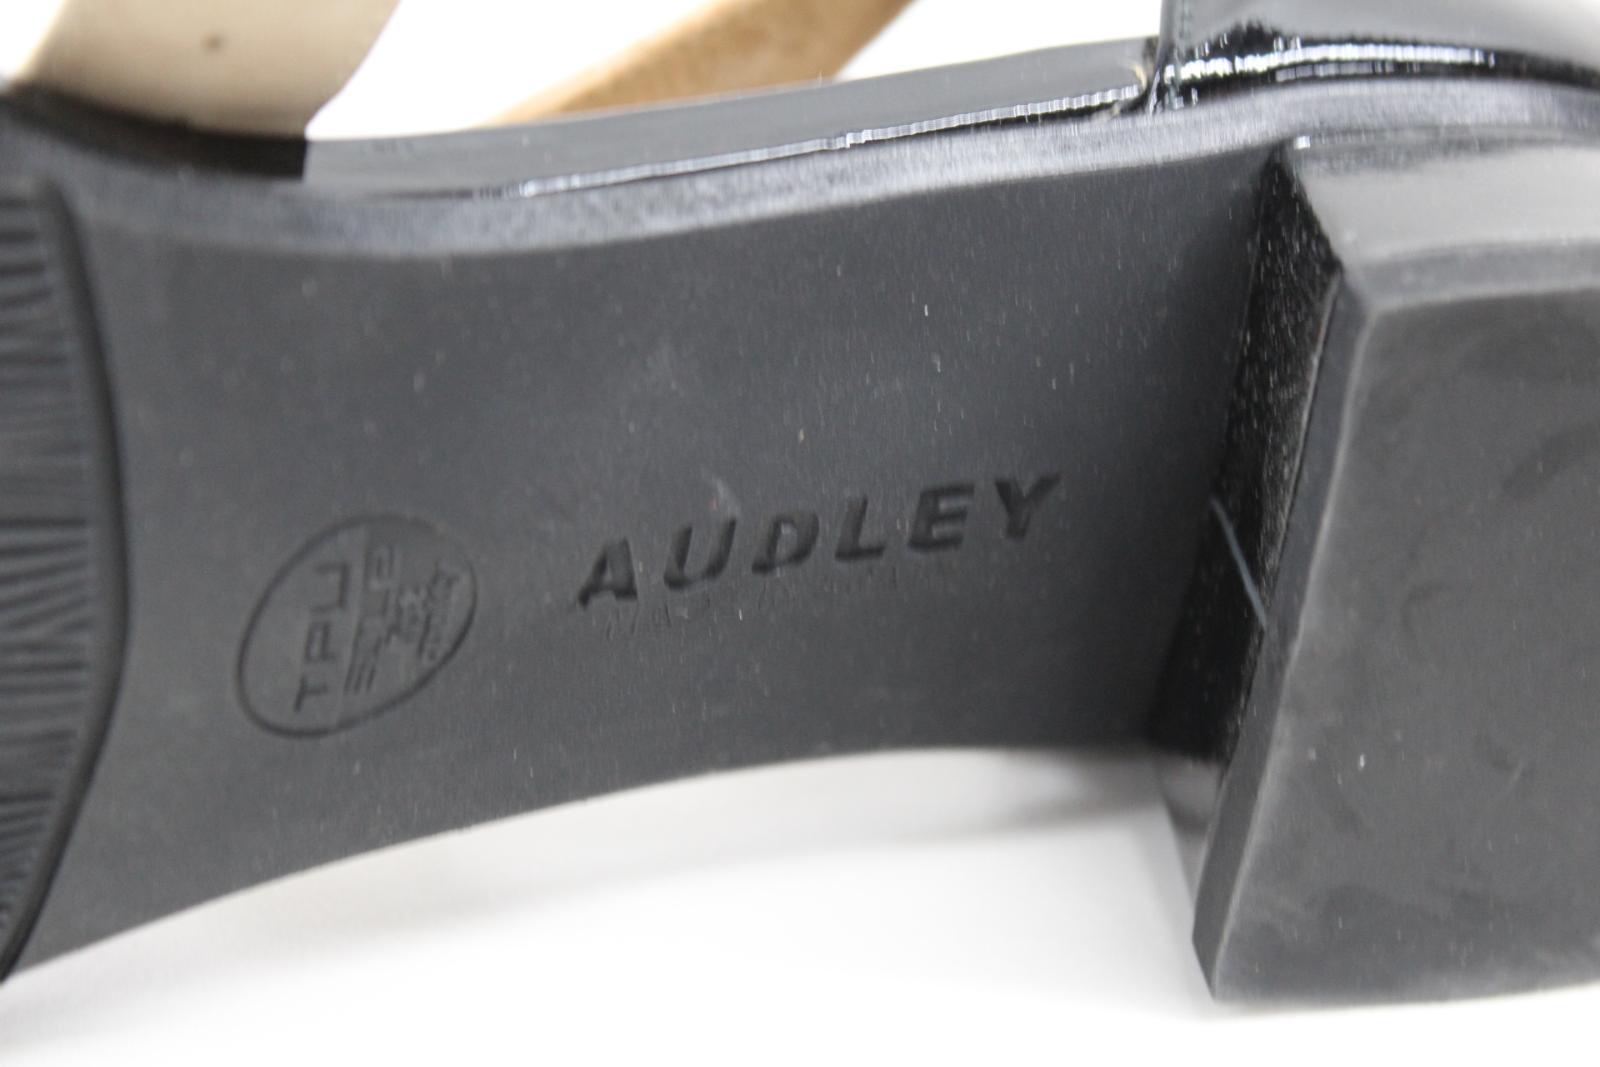 AUDLEY-London-Ladies-Black-amp-Beige-Ankle-Strap-Mid-Heel-Sandal-Shoes-EU39-UK6 thumbnail 8